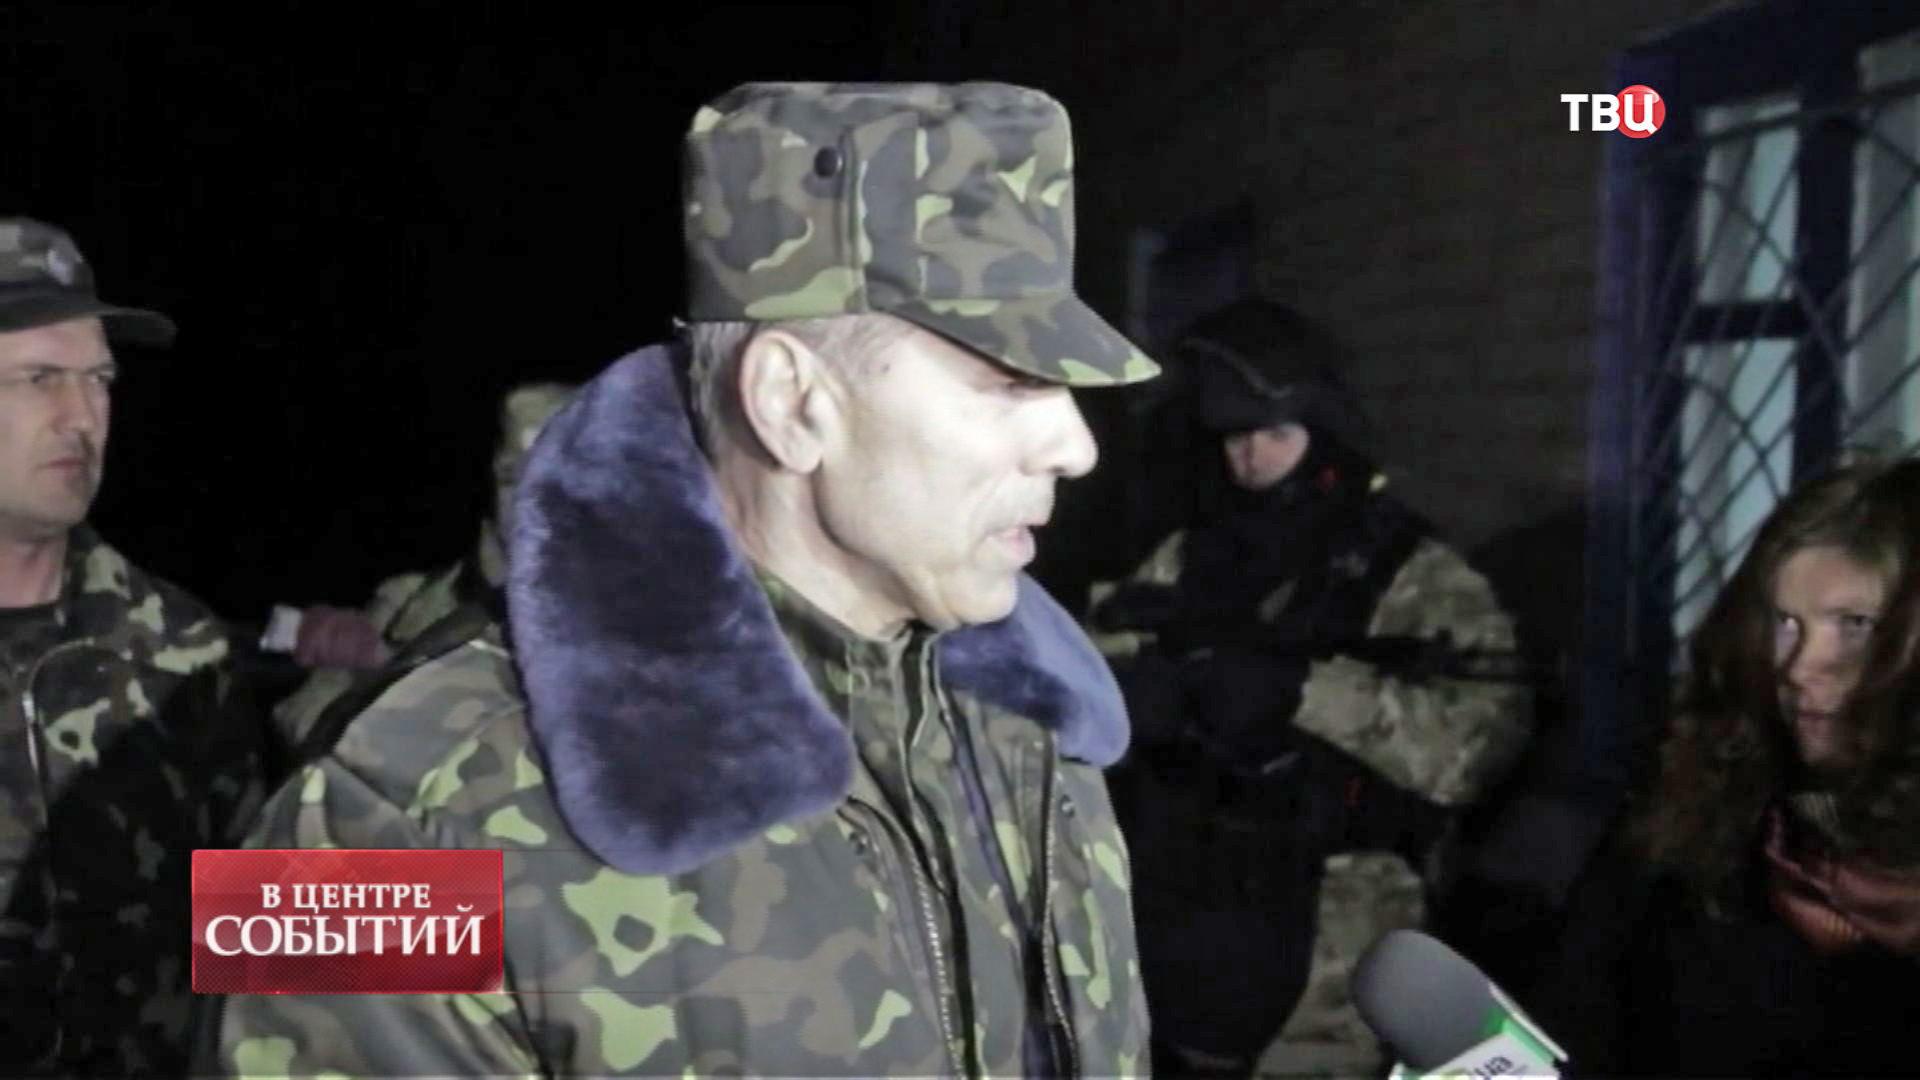 Заместитель главы СБУ Василий Крутов